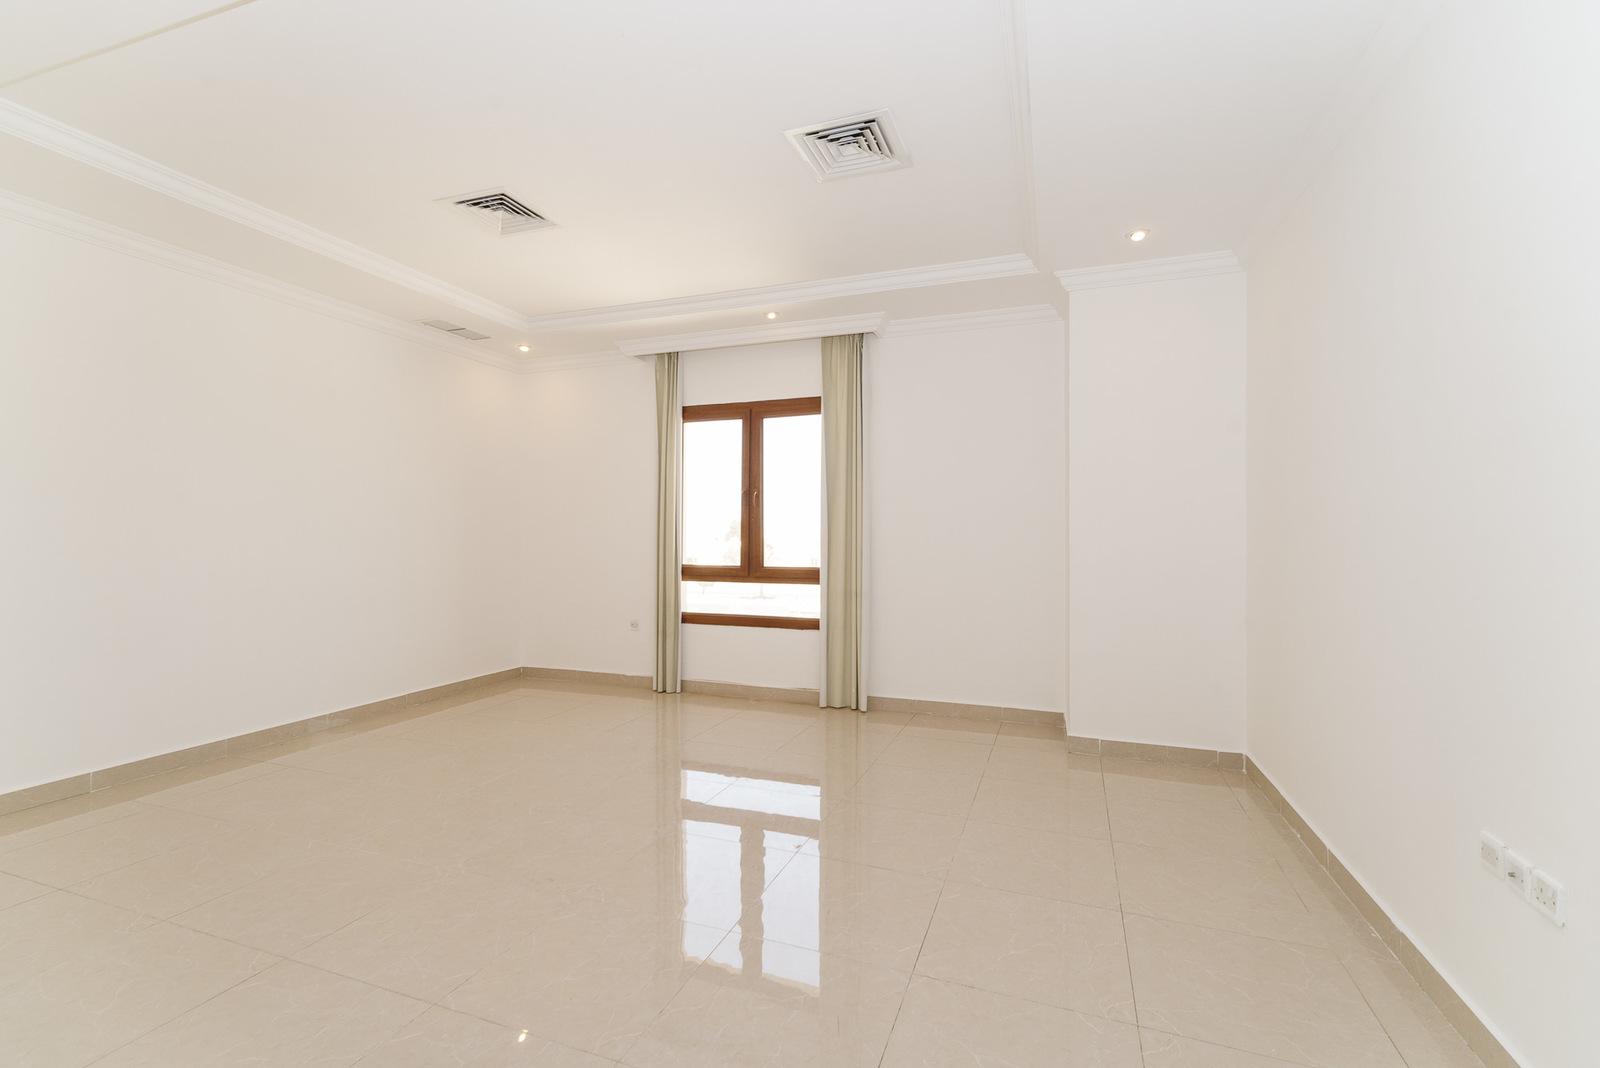 Rumathiya – unfurnished, three bedroom apartments